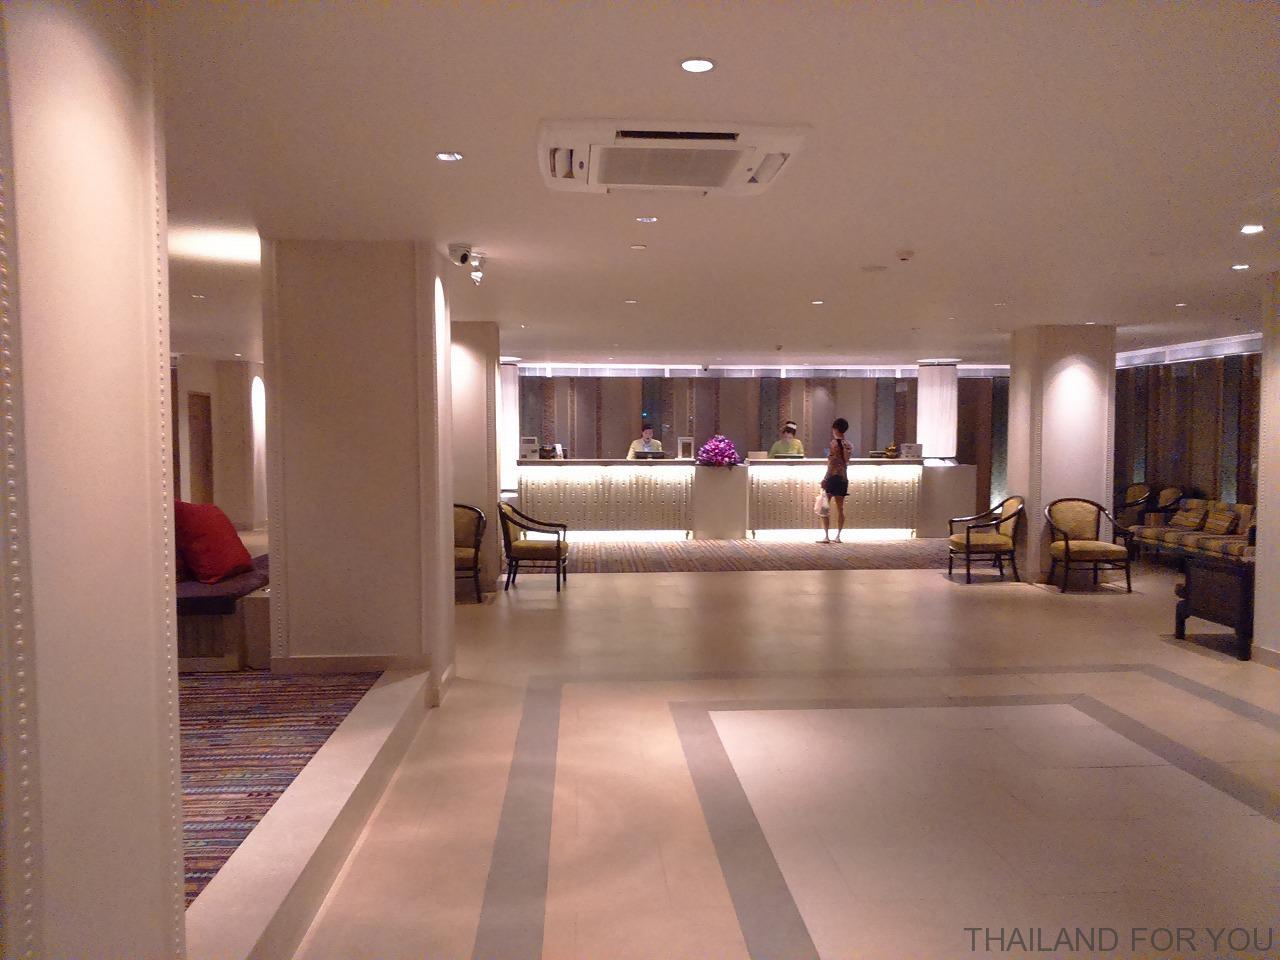 ドゥシット プリンセス チェンマイ ホテル (Dusit Princess Chiang Mai Hotel) 写真